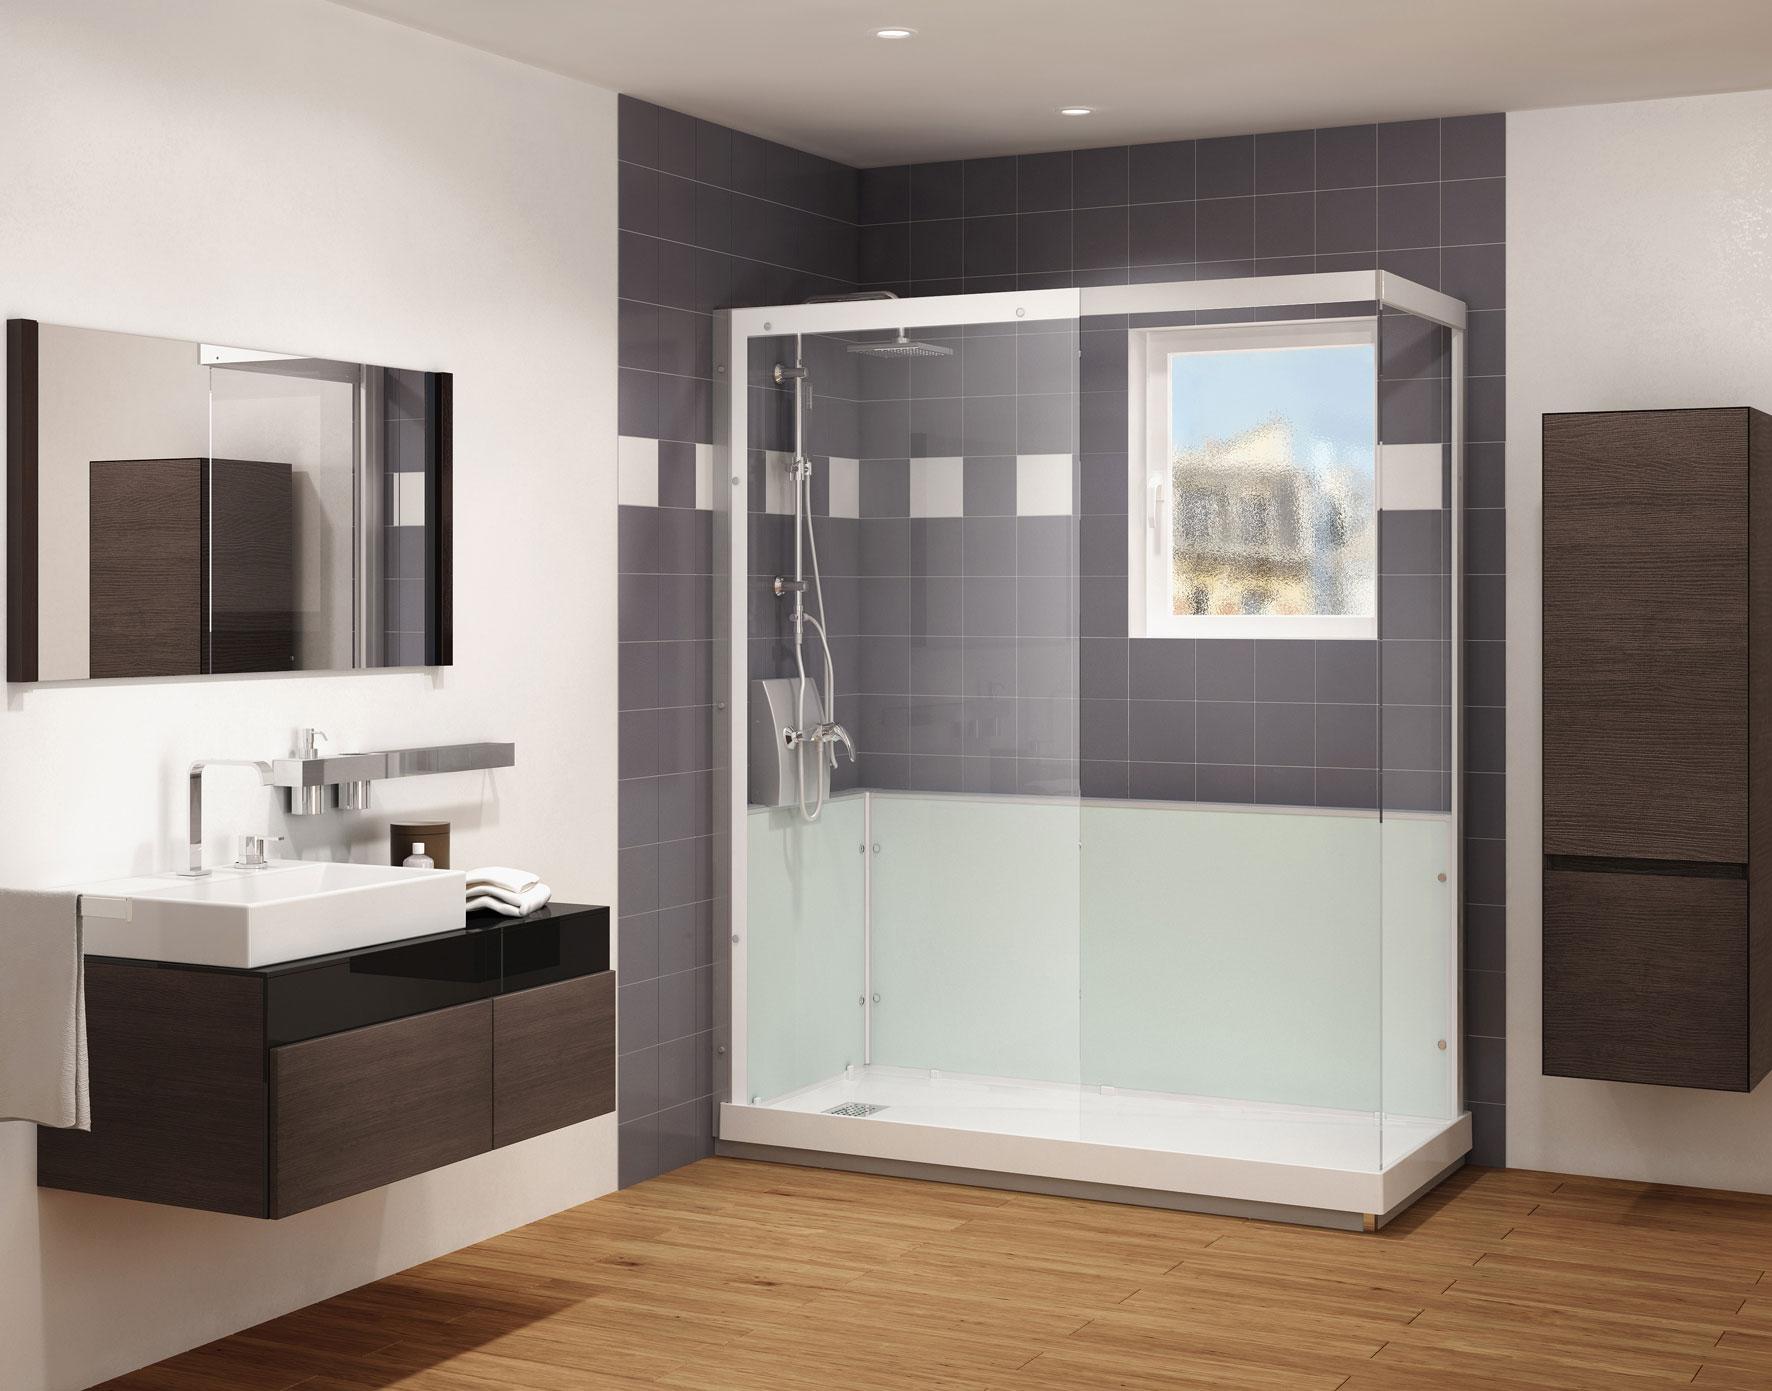 Imagenes cuartos de ba o con ducha - Cuartos de bano con banera y ducha ...